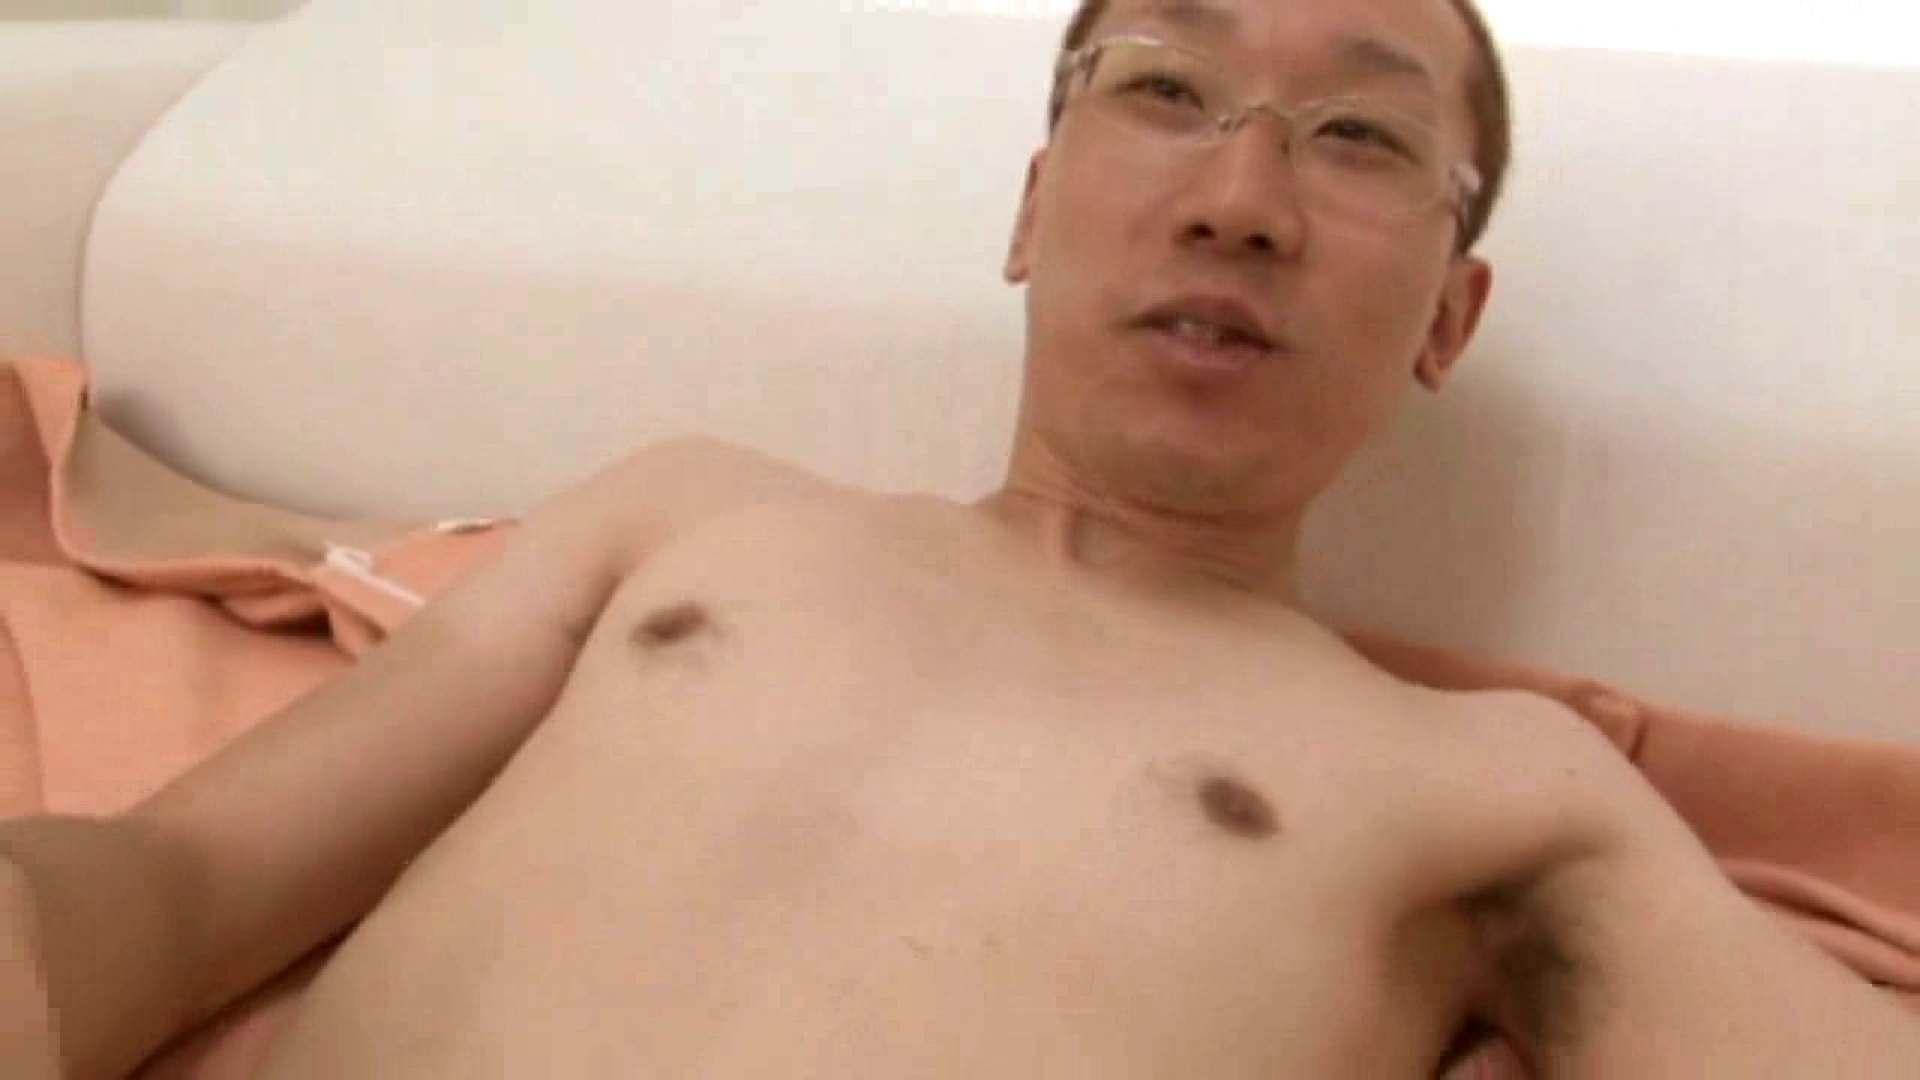 ノンケ!自慰スタジオ No.01 ゲイの自慰 ゲイ無修正ビデオ画像 96pic 16